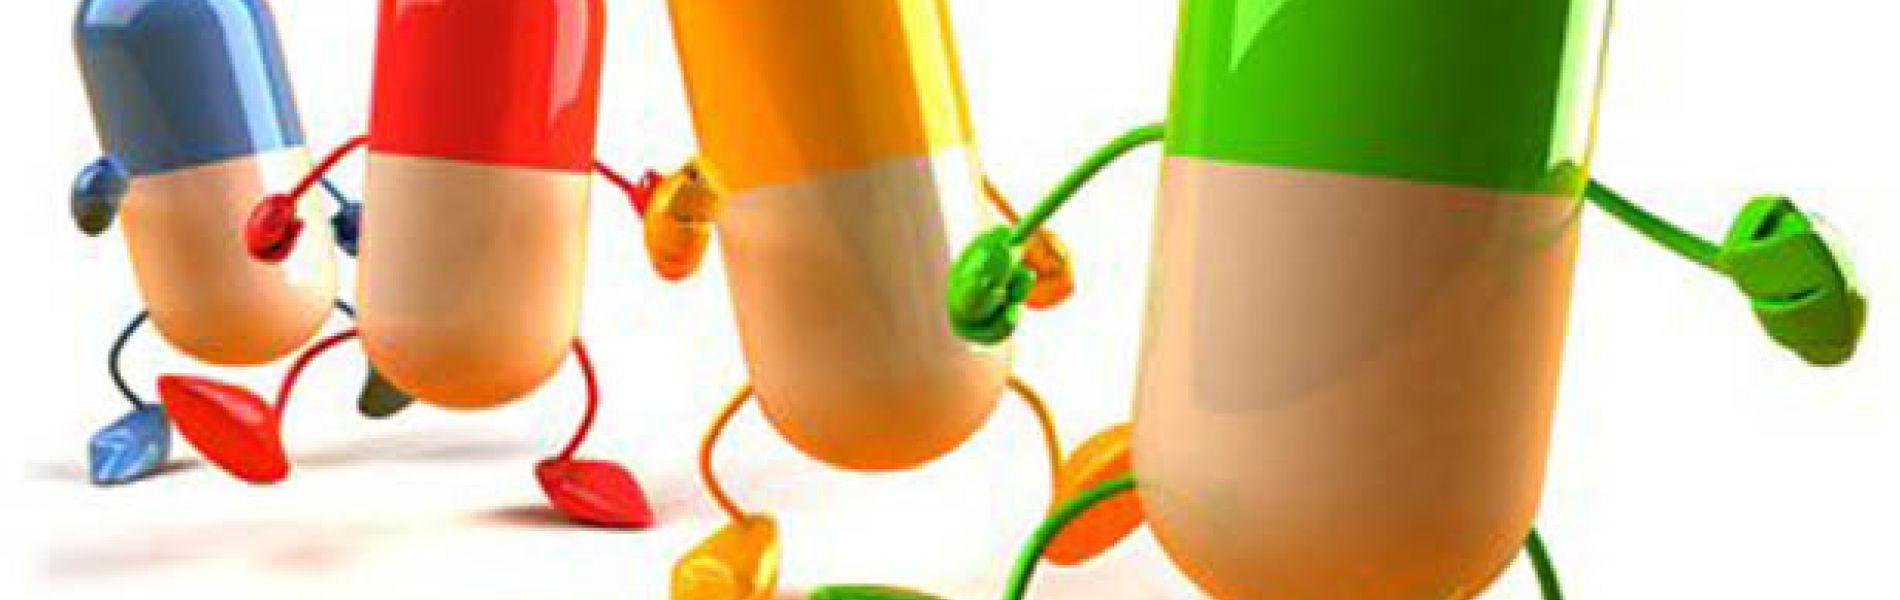 Vitamine - Pharmaguiz e83b02a0d20